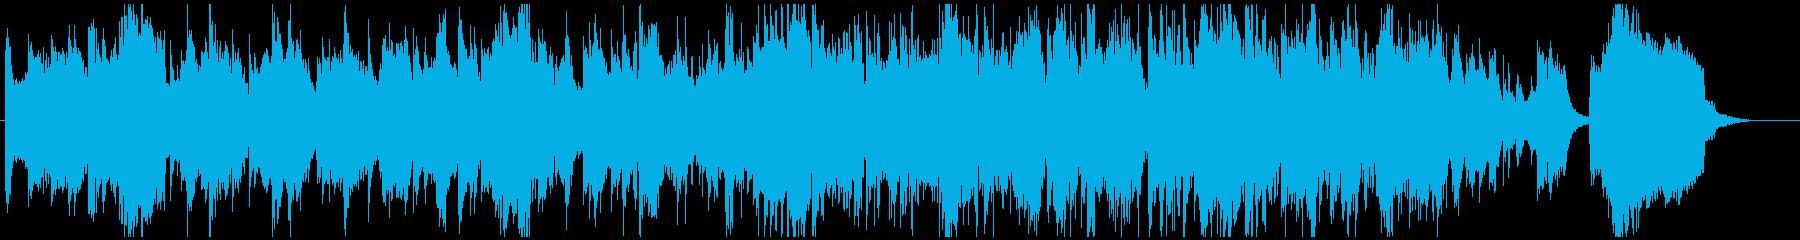 スムースジャズ・バラード、大人でおしゃれの再生済みの波形